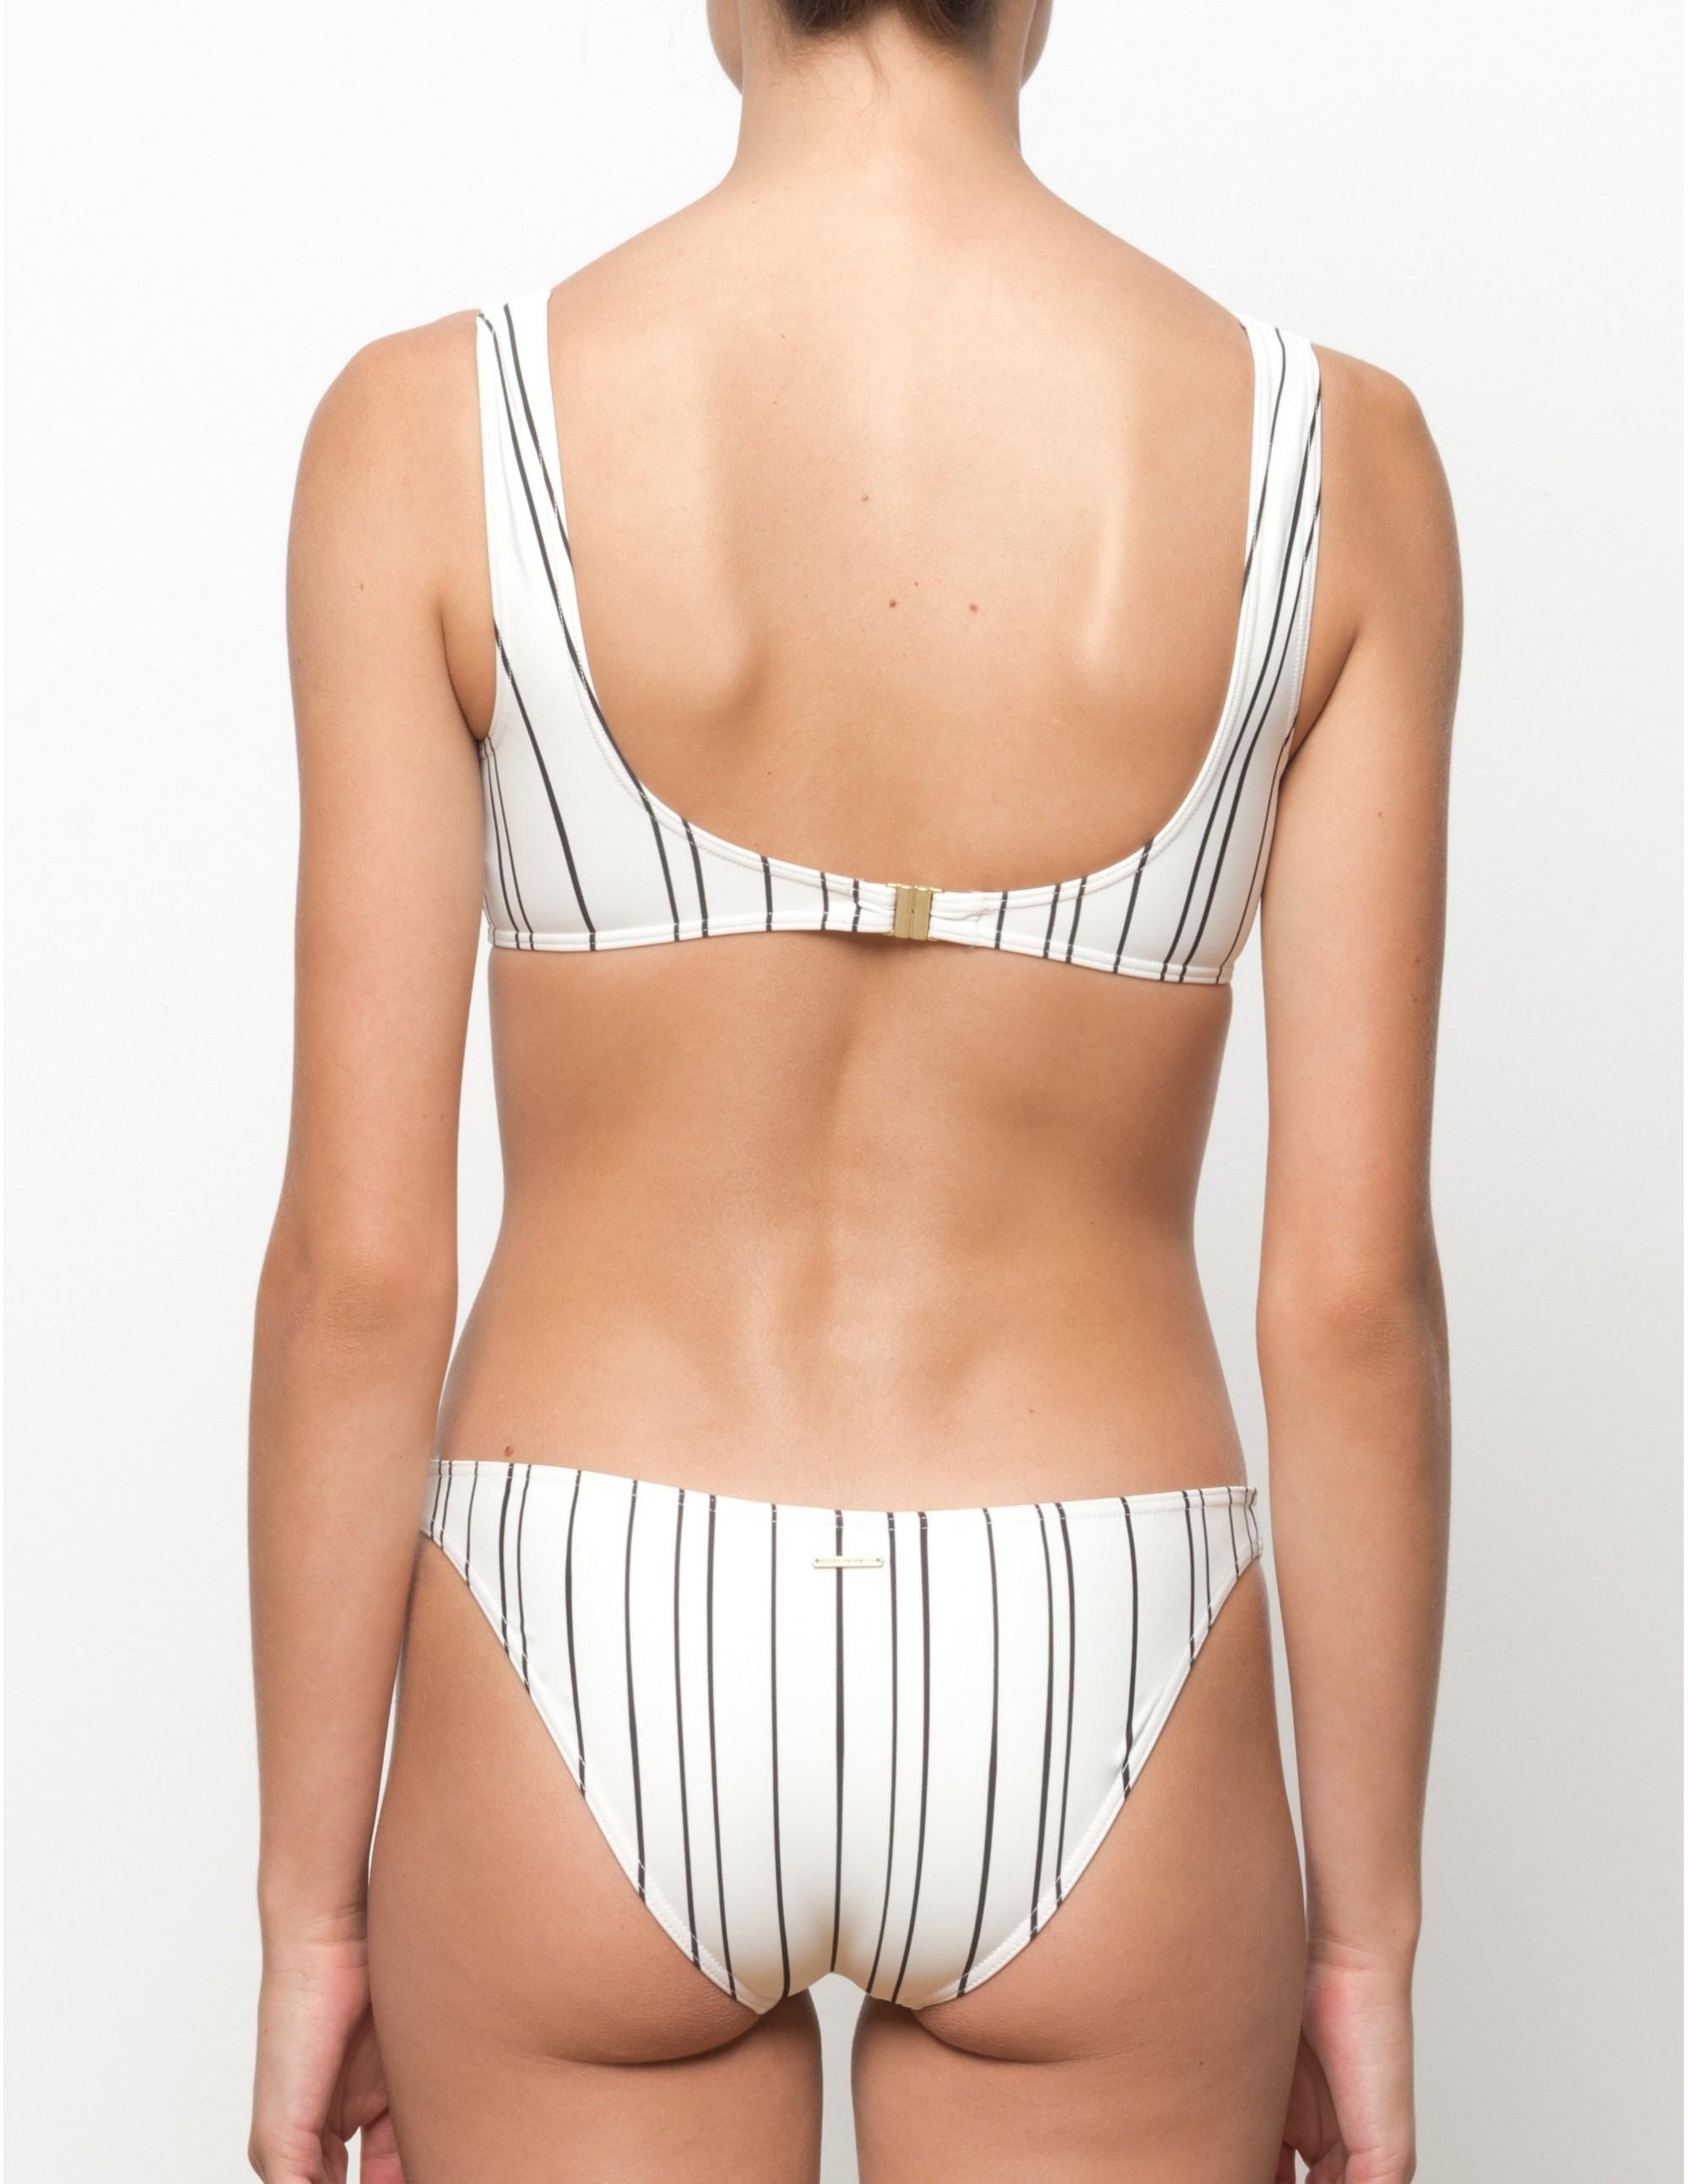 SONGO bikini top - LIMITLESS